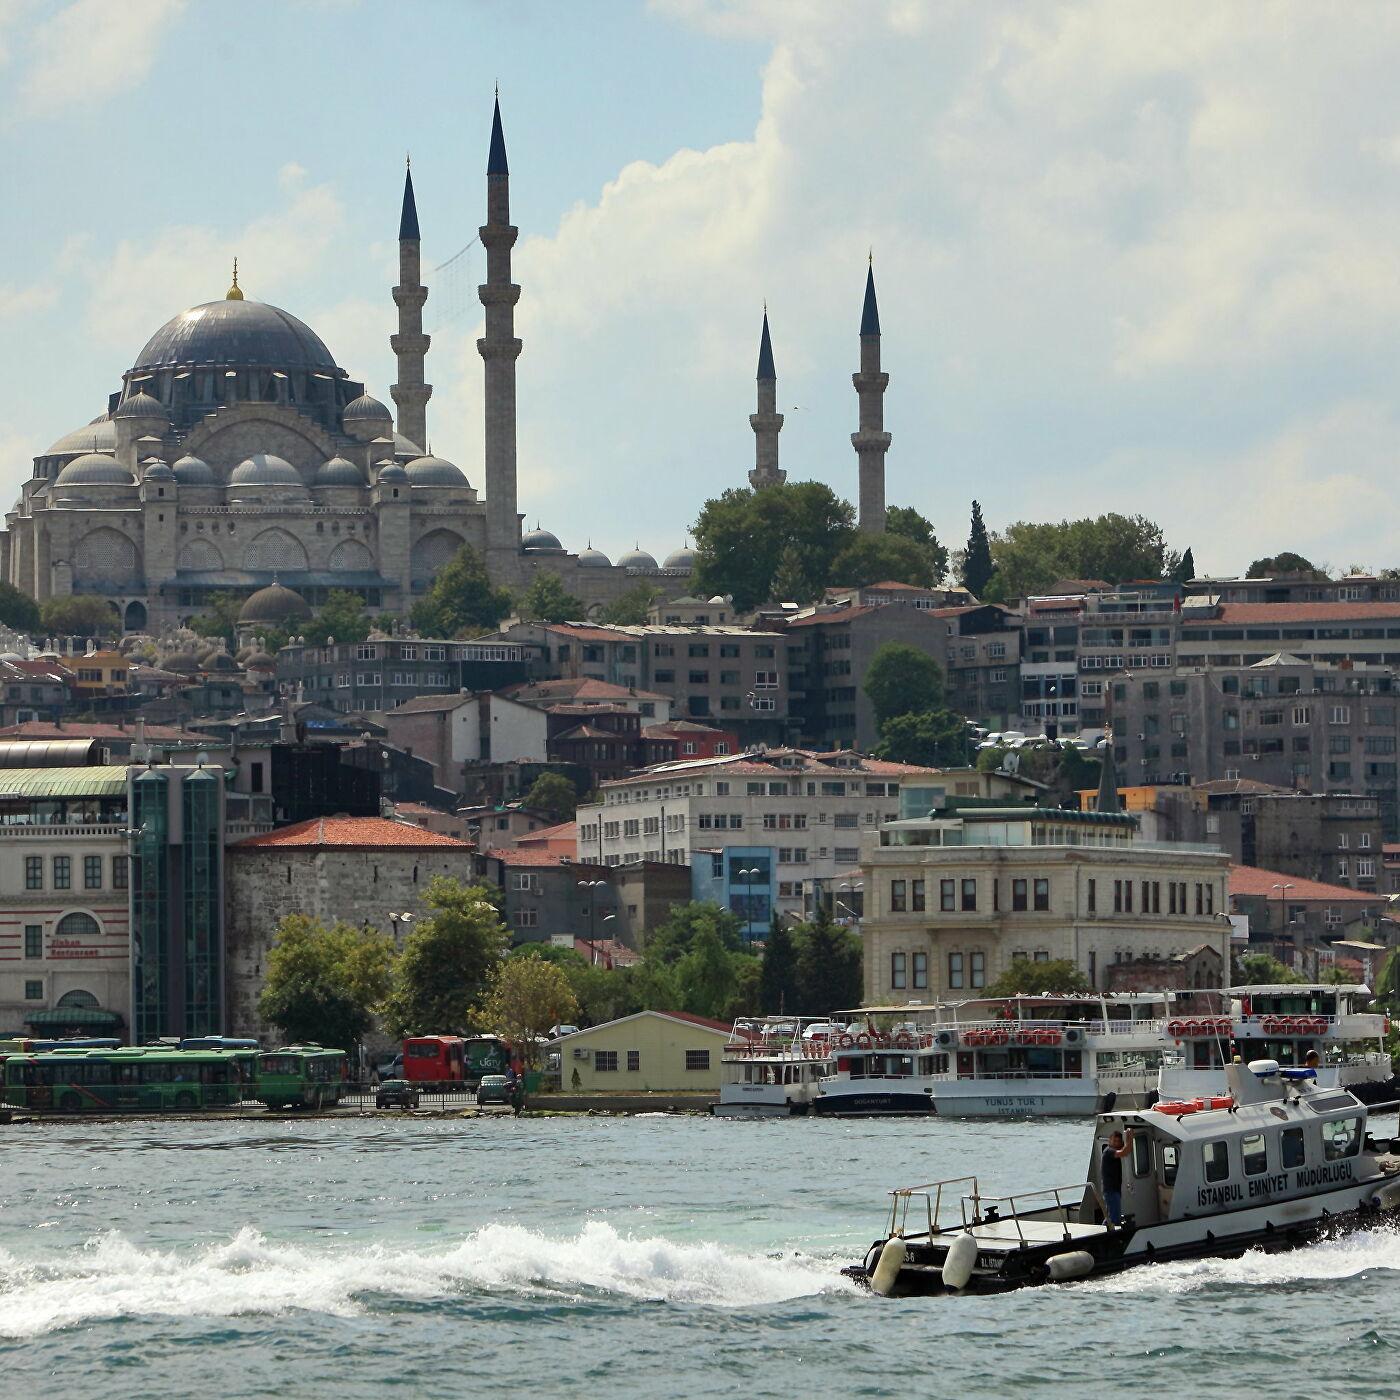 Митрополит Иларион: Надамо се да Храм Свете Софије неће бити претворен у џамију